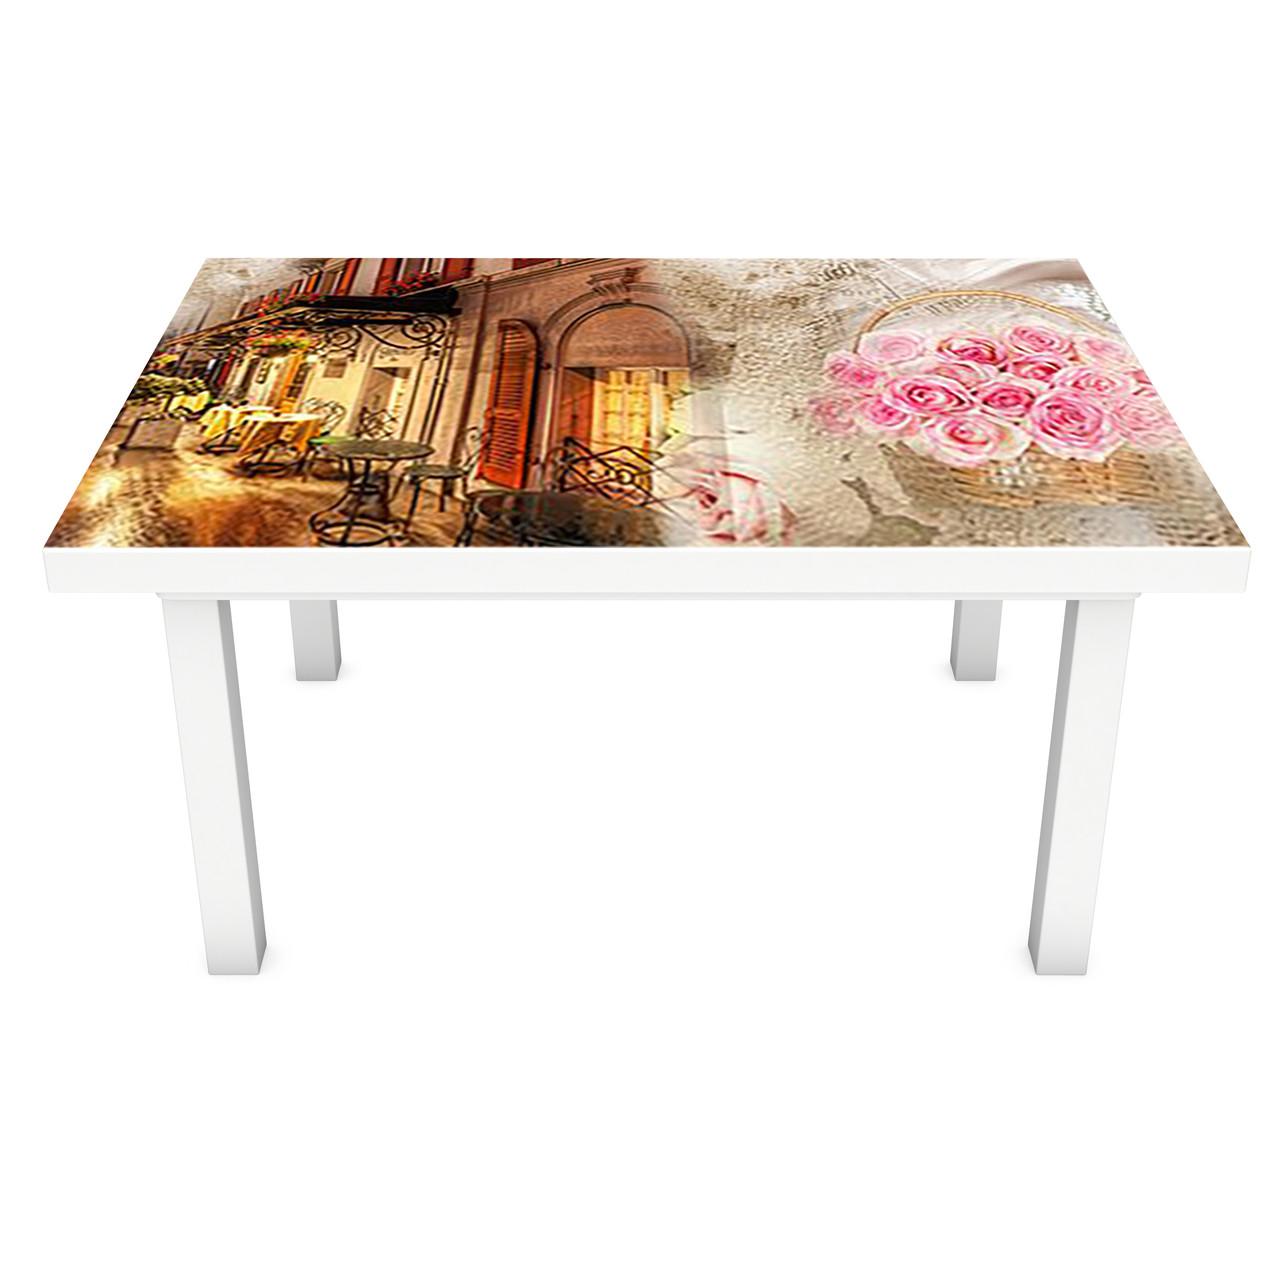 Наклейка на стіл вінілова Вечірня прогулянка на меблі інтер'єрна ПВХ 3Д ретро вінтаж троянди 600*1200 мм